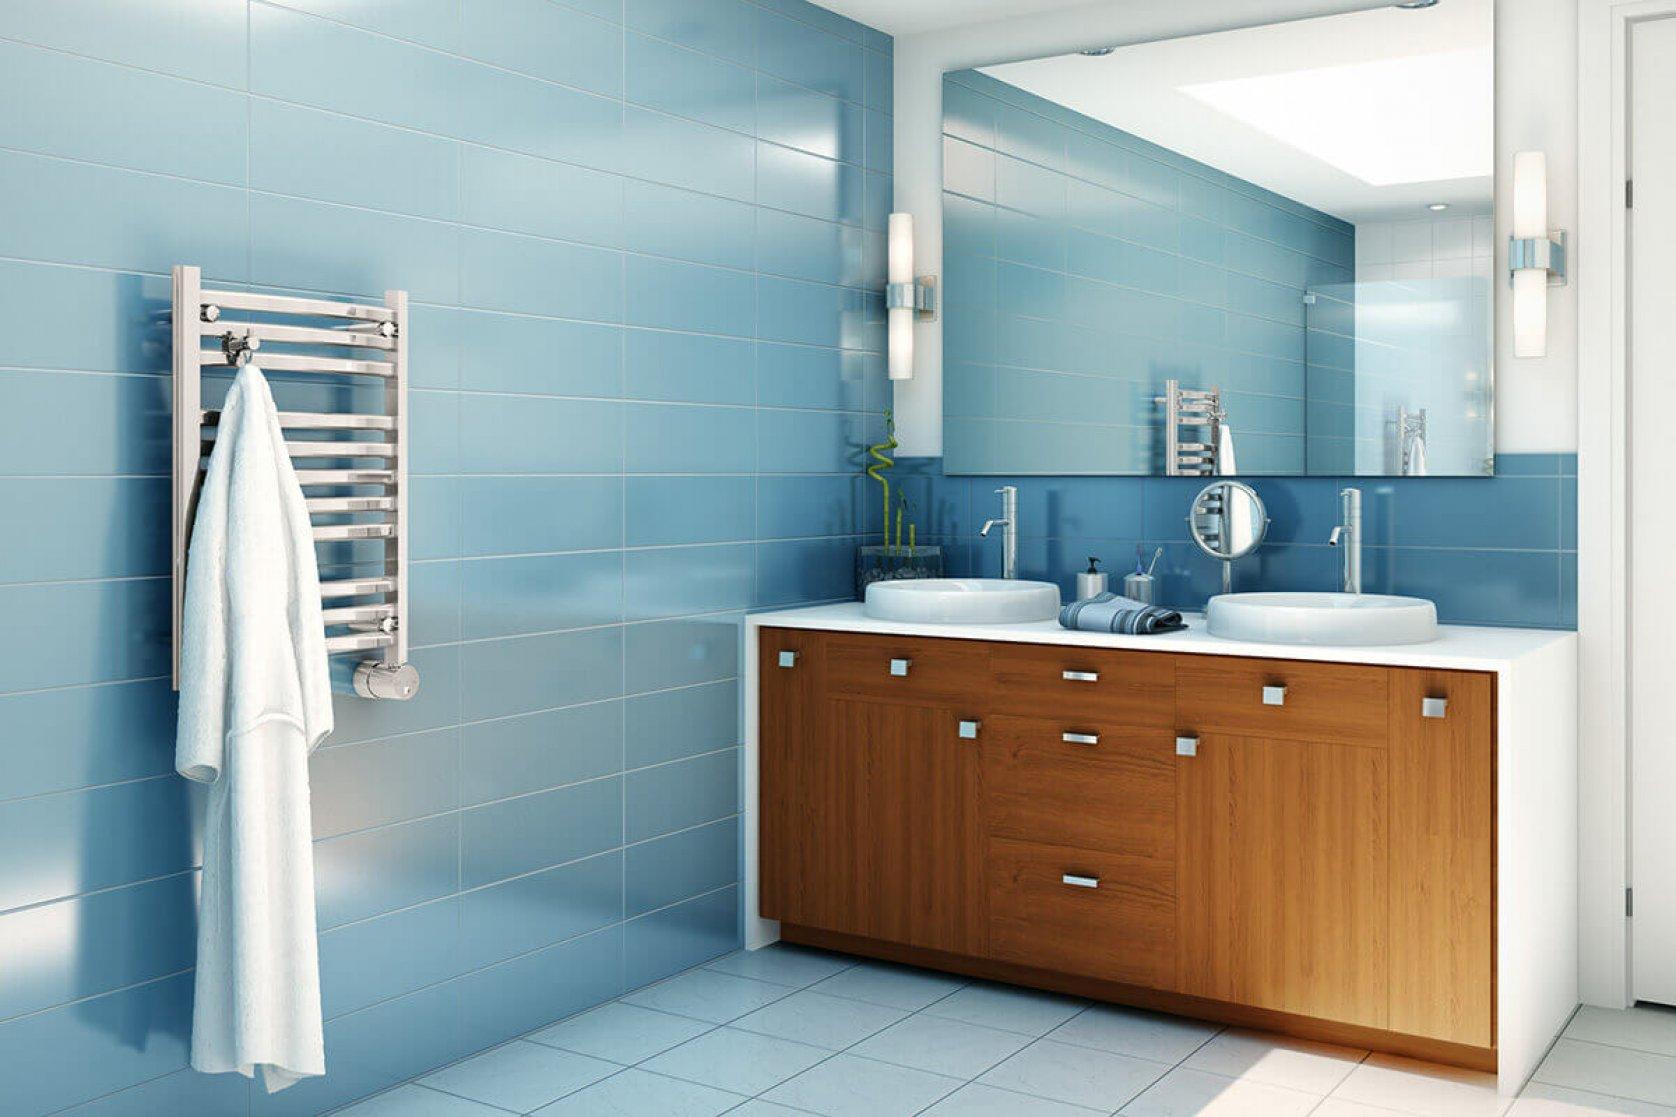 saunas-calentadores-toallas4